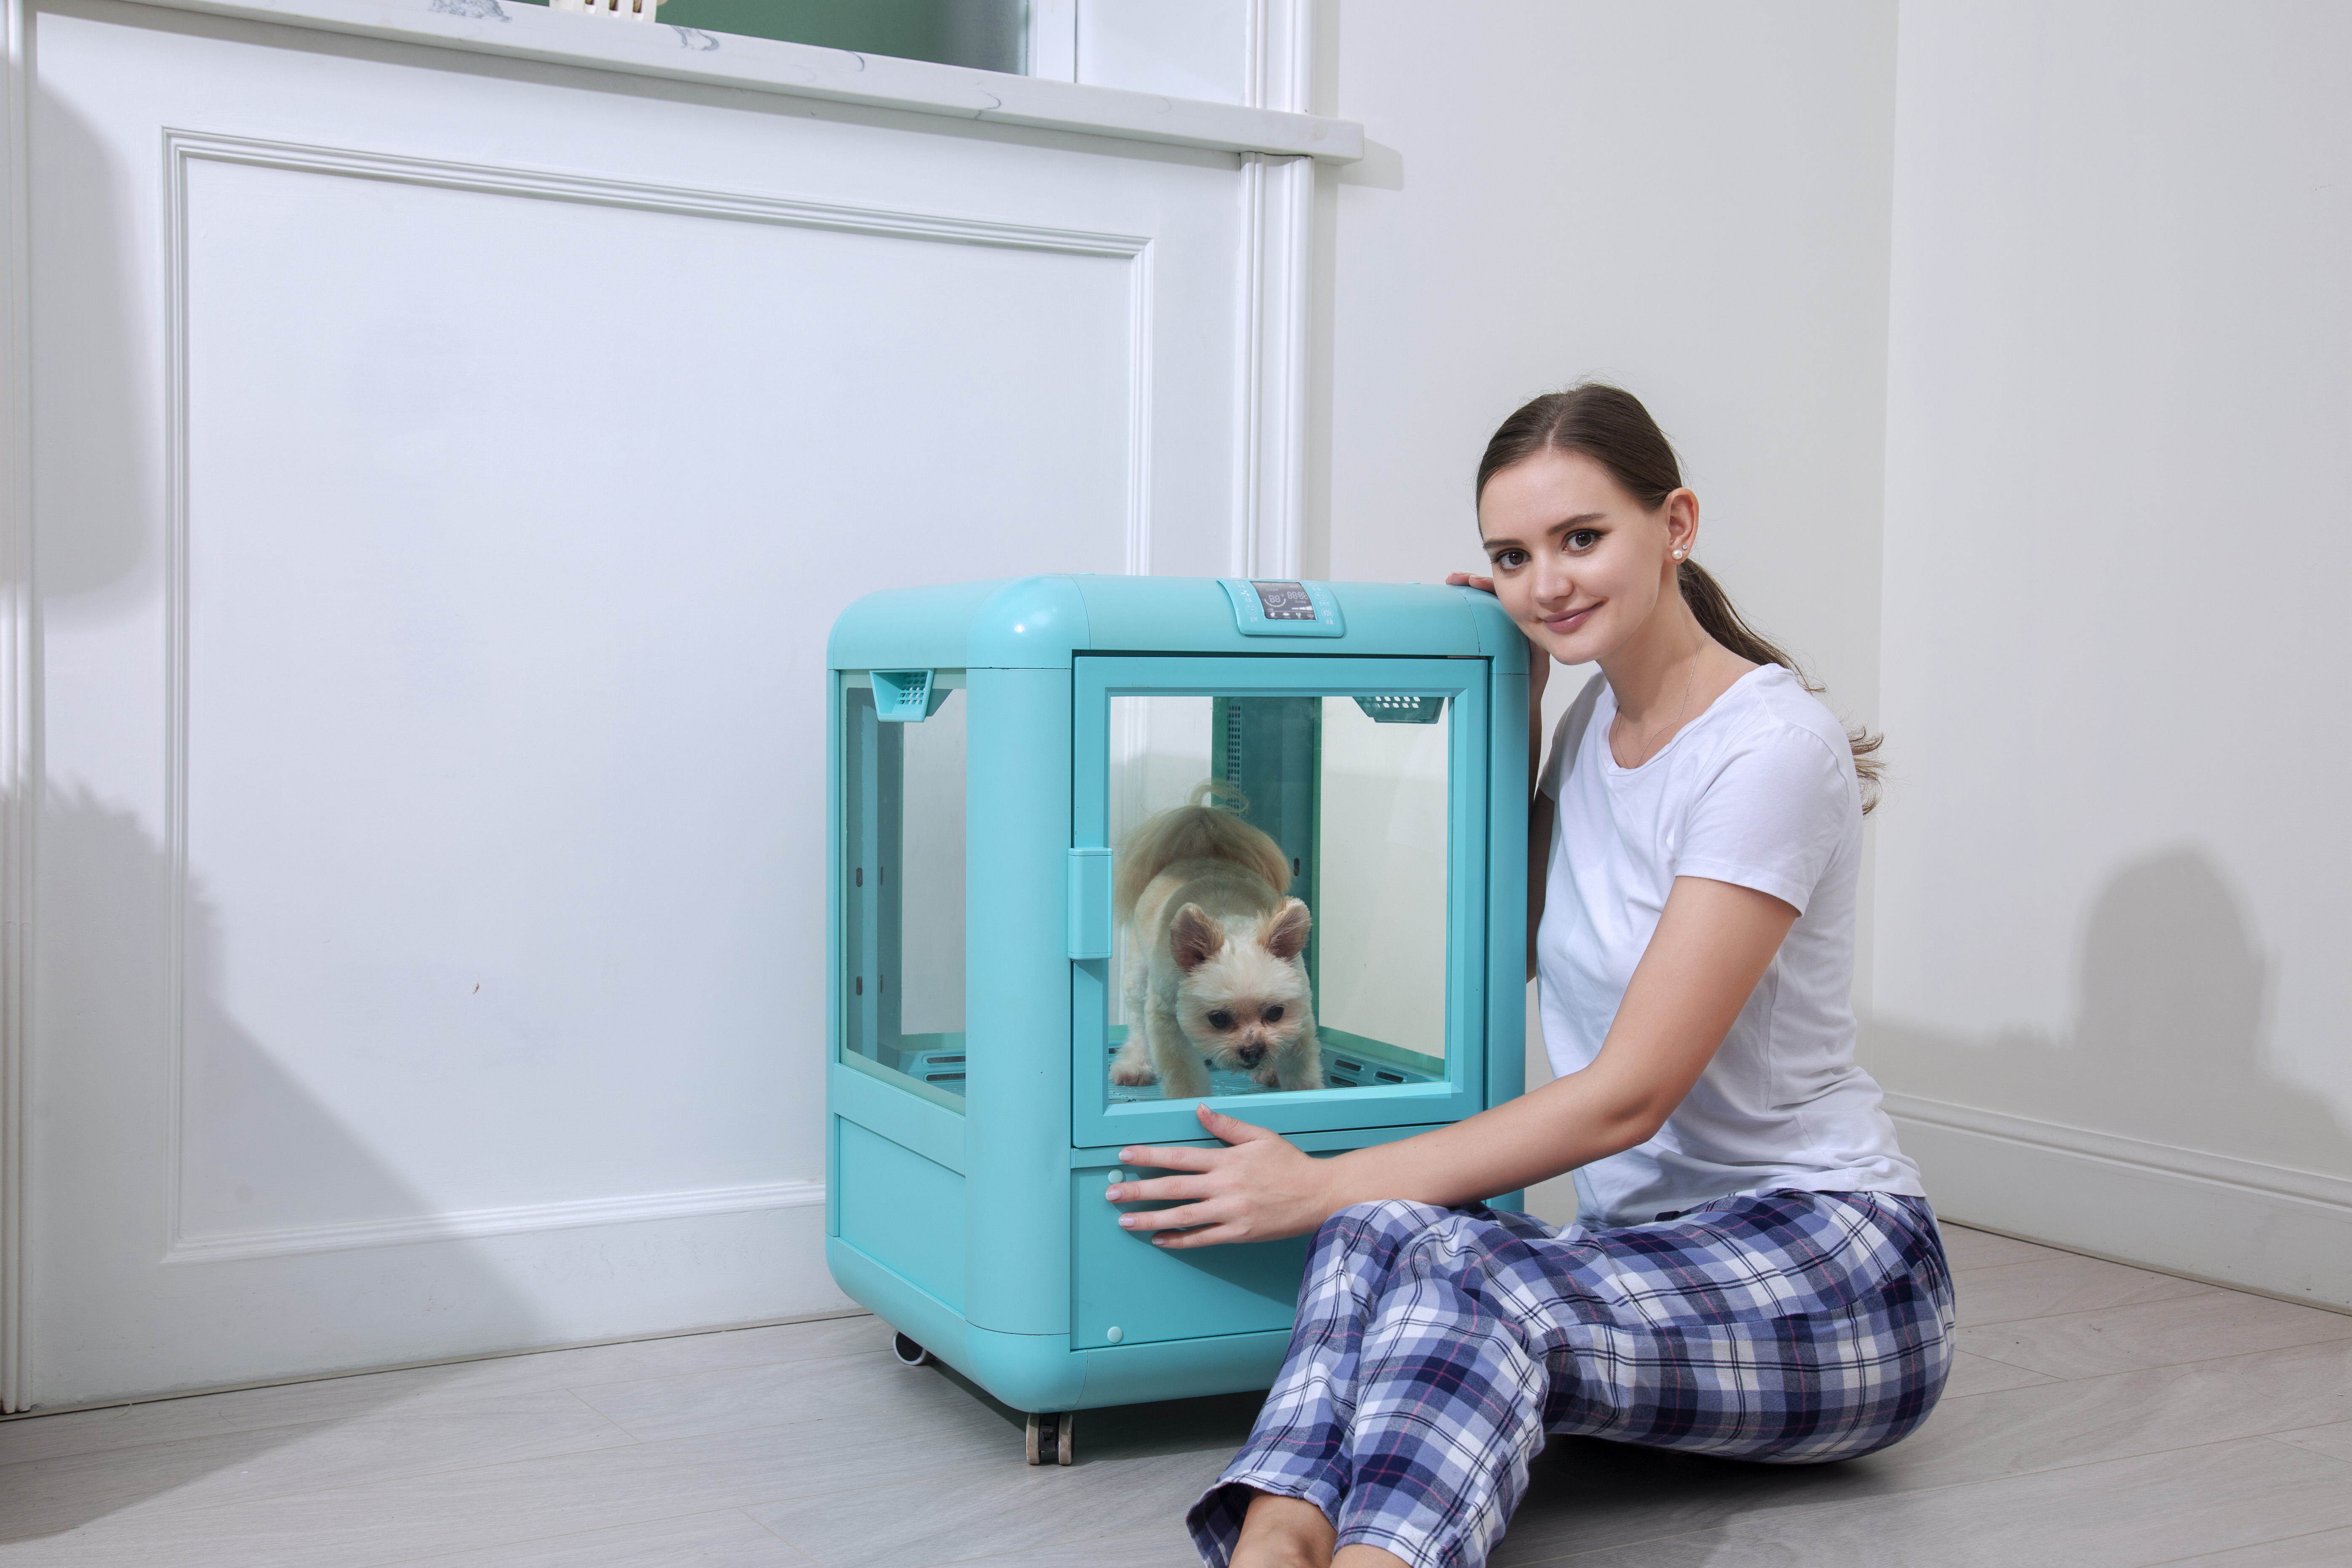 宠物用品市场广阔,诚邀您加入欧科达宠物烘干箱代理商!